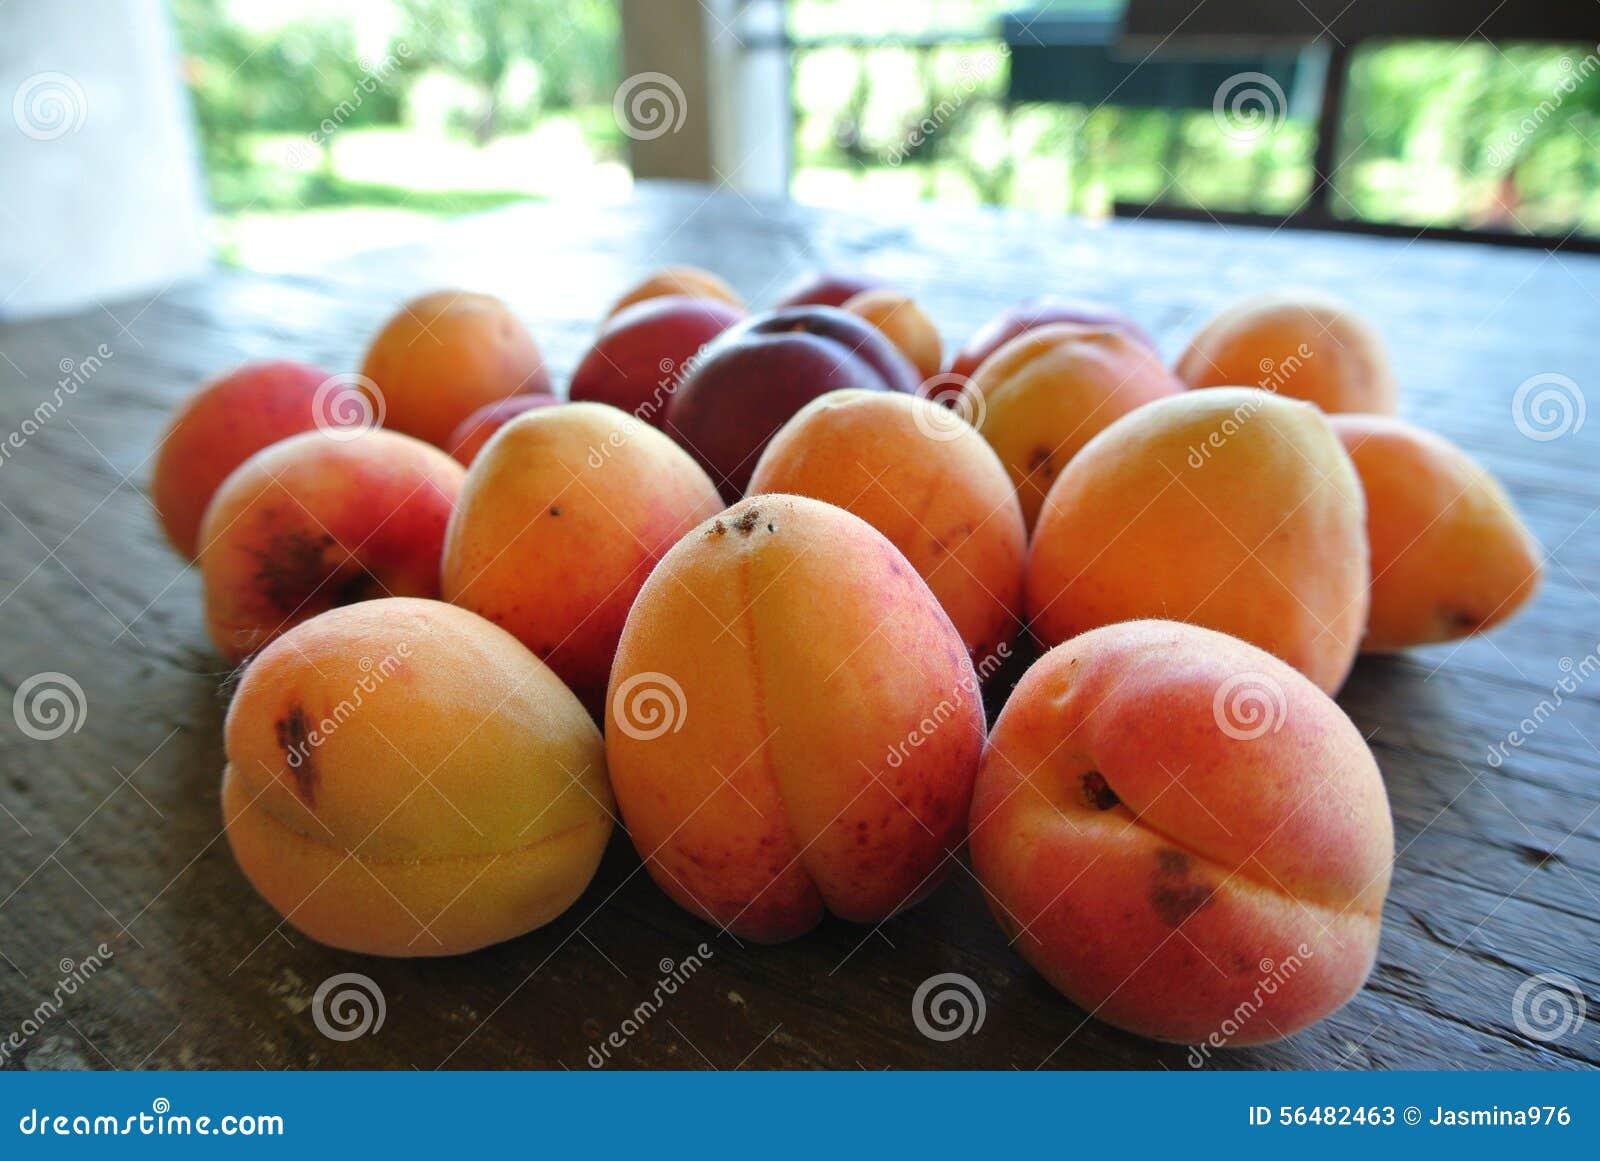 Abricots oranges mûrs sur la table en bois rustique, un jour ensoleillé d été